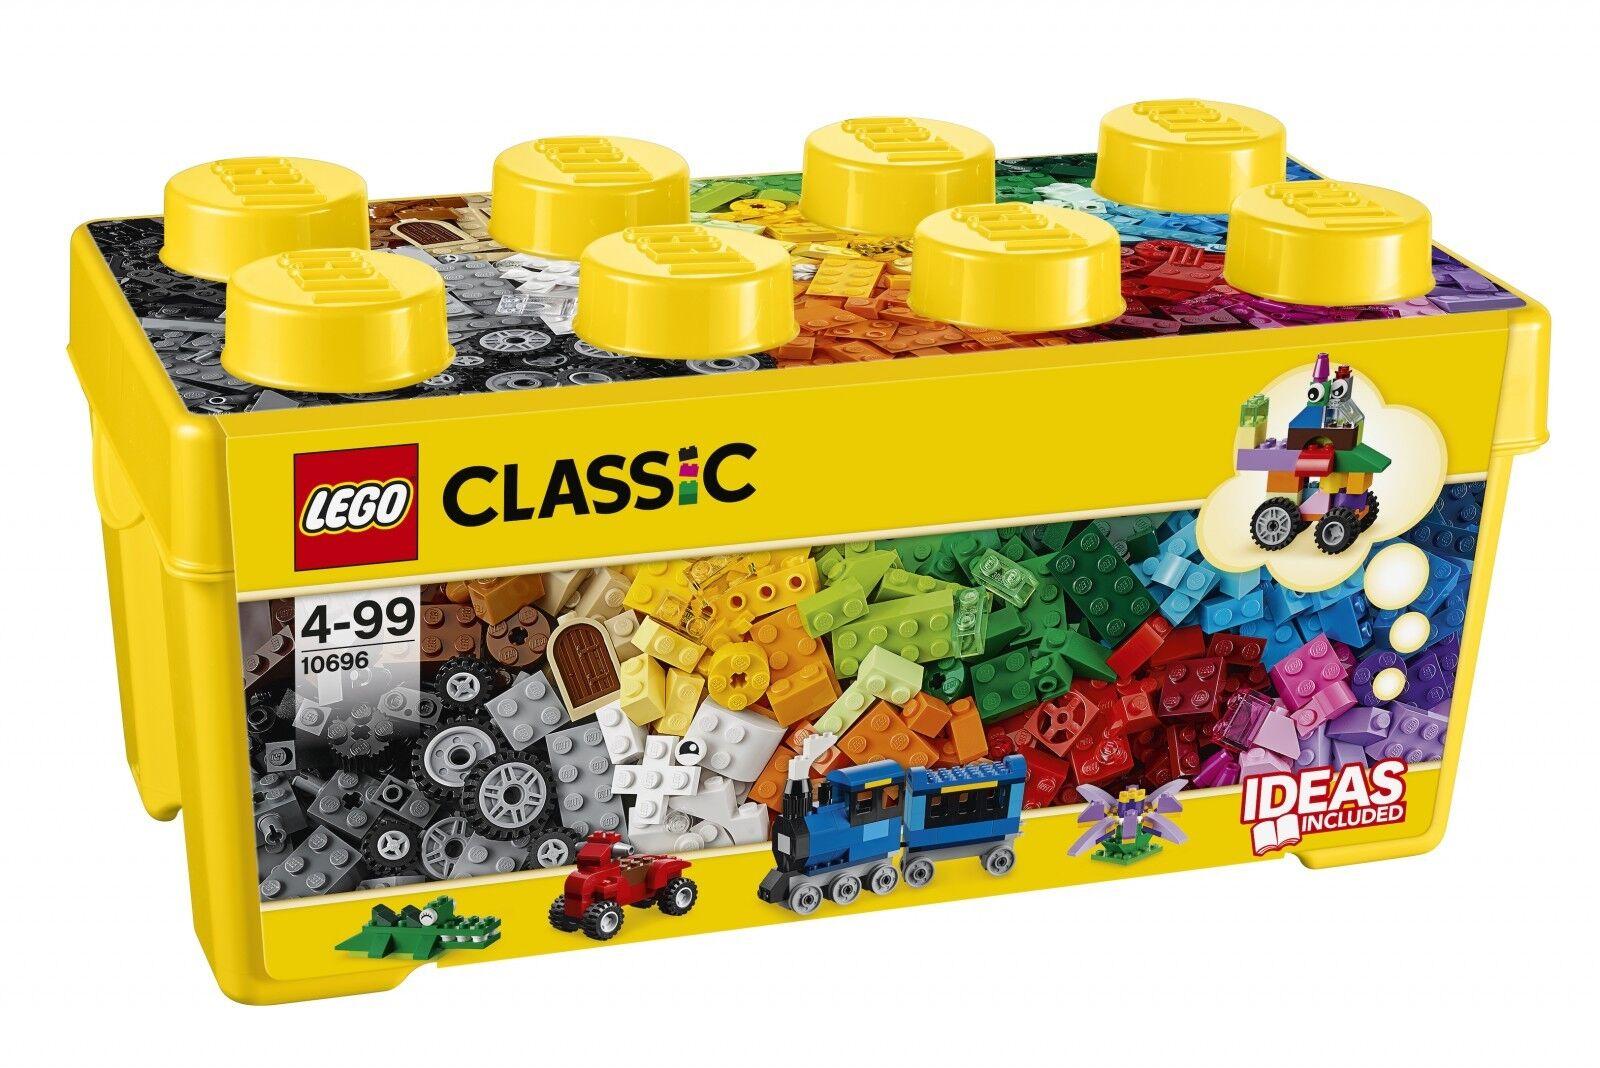 LEGO ® ® ® CLASSIC 10696 LEGO ® moyens blocs de construction-BOX NOUVEAU neuf dans sa boîte NEW En parfait état, dans sa boîte scellée Boîte d'origine jamais ouverte 7411df